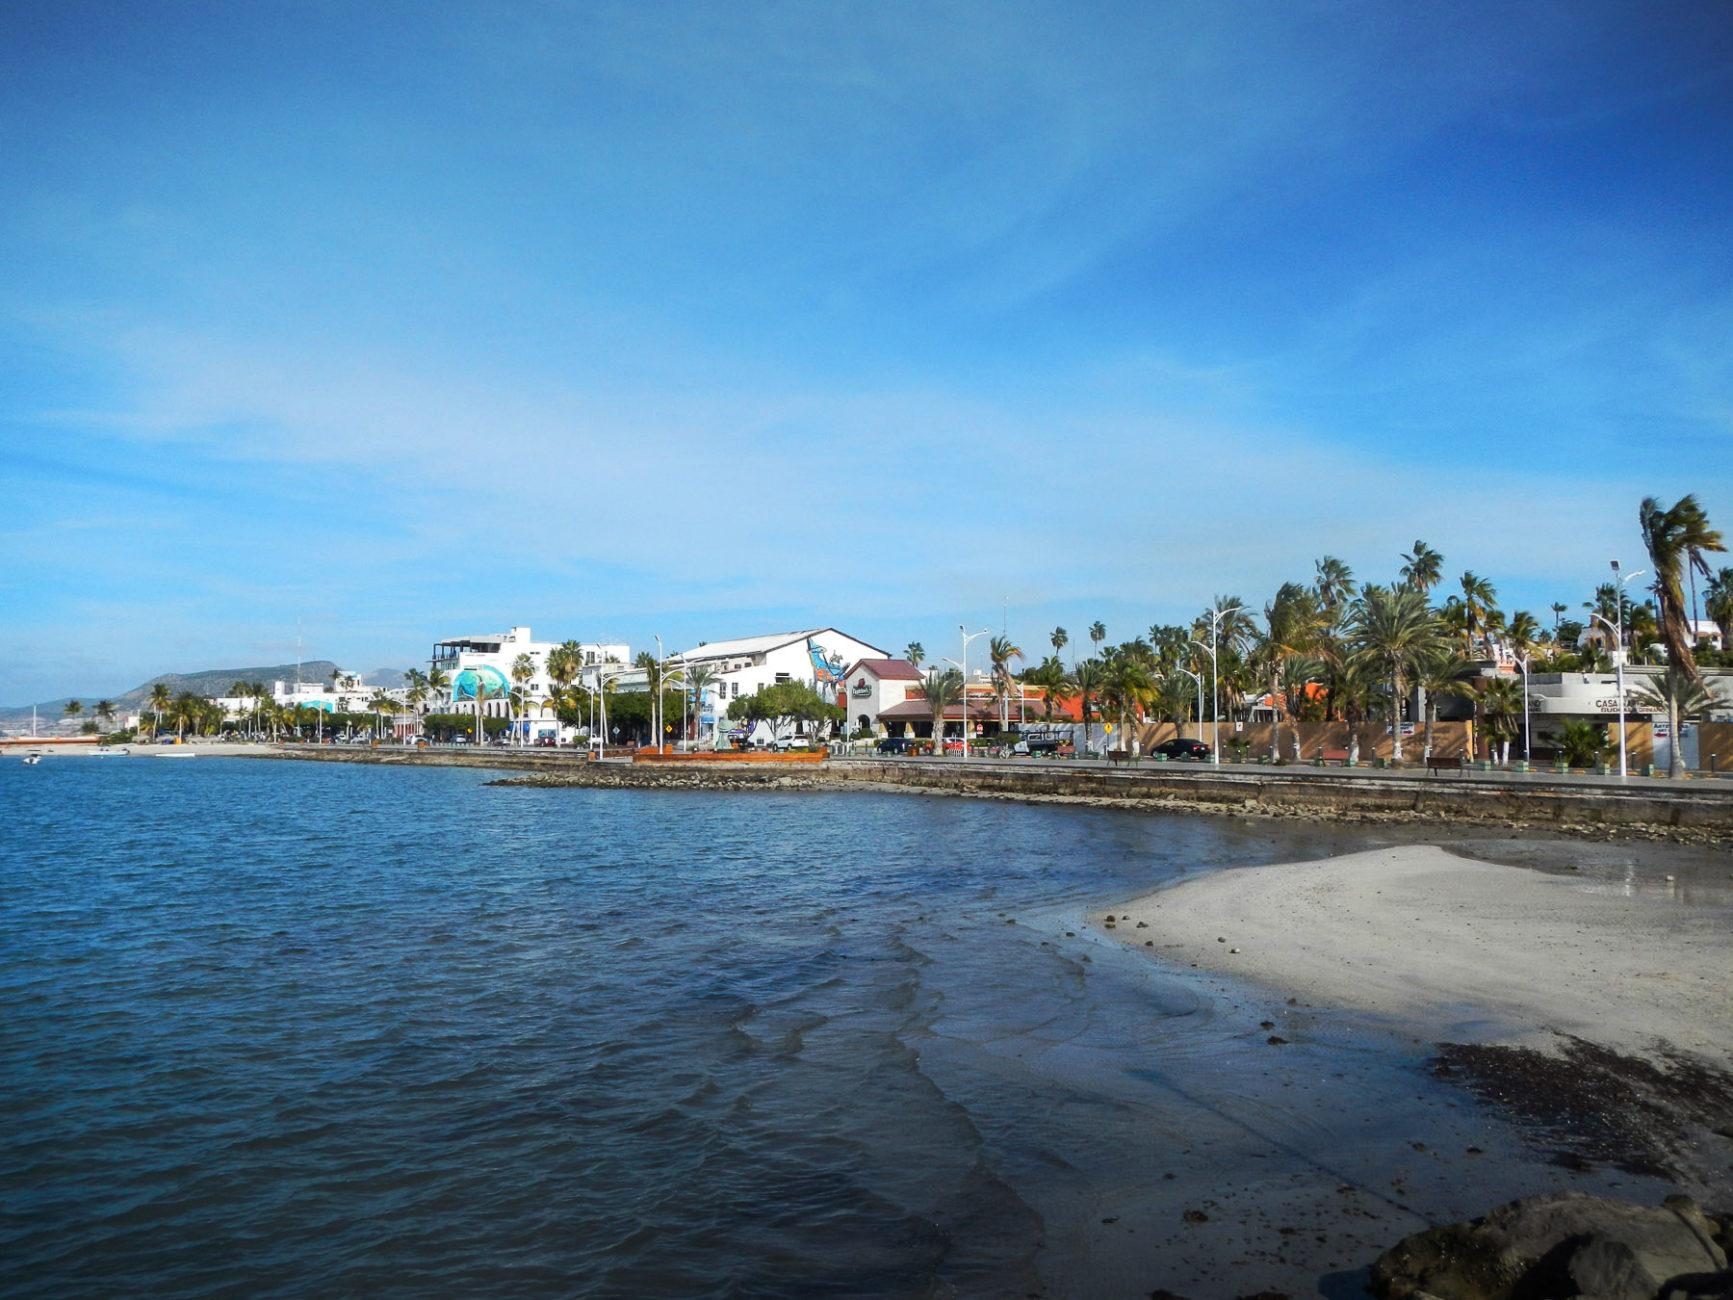 Sehr schöne Strandpromenade/Malecon in La Paz